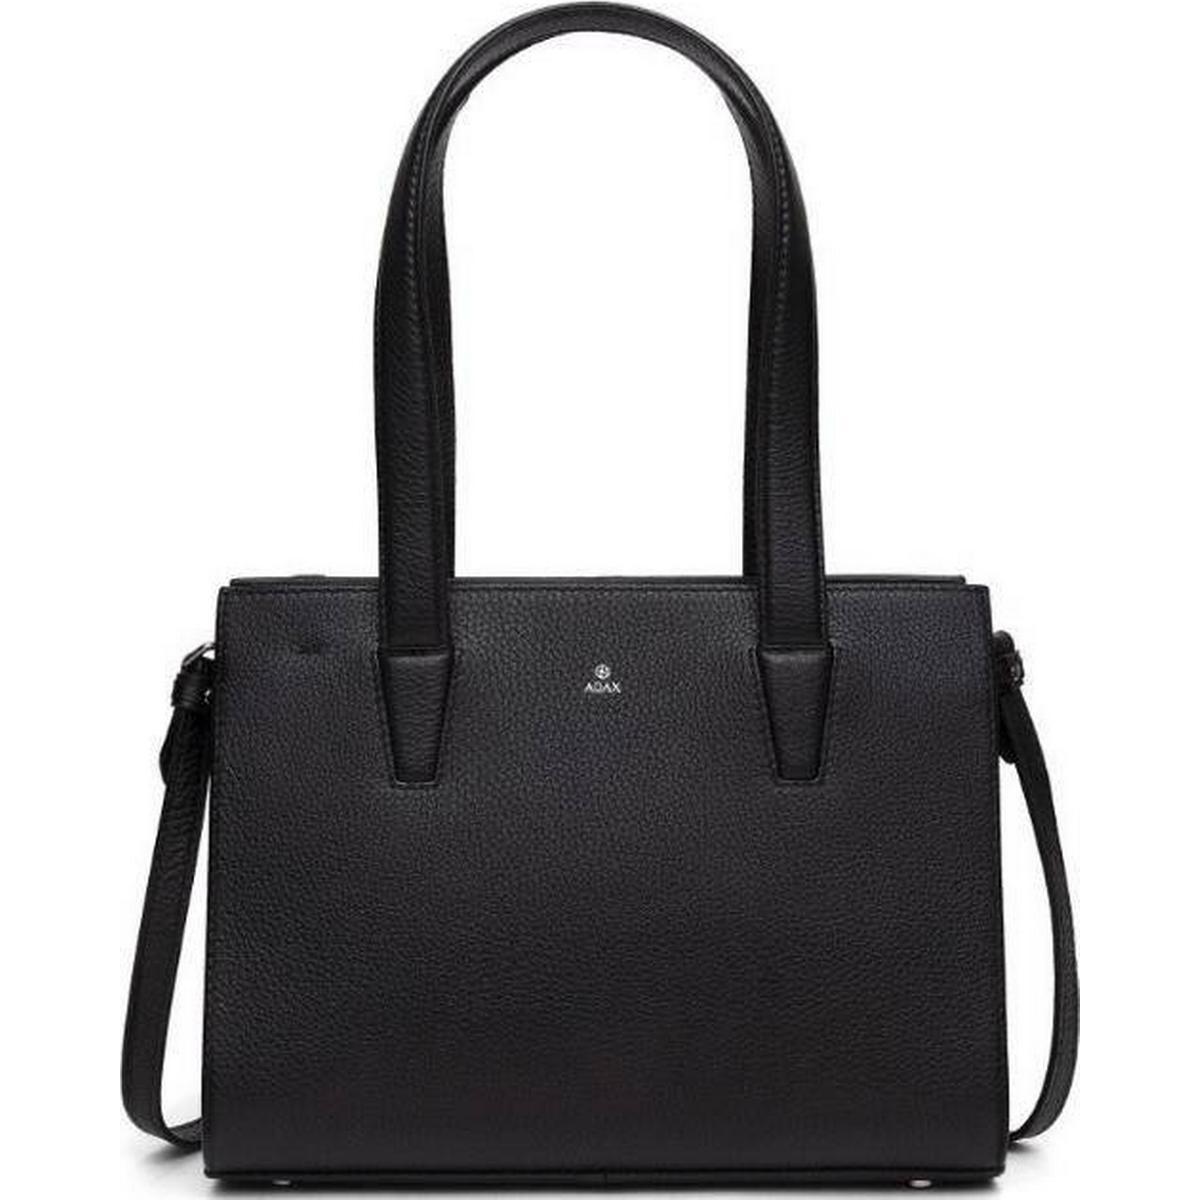 Adax Väskor (800+ produkter) hos PriceRunner • Se billigste